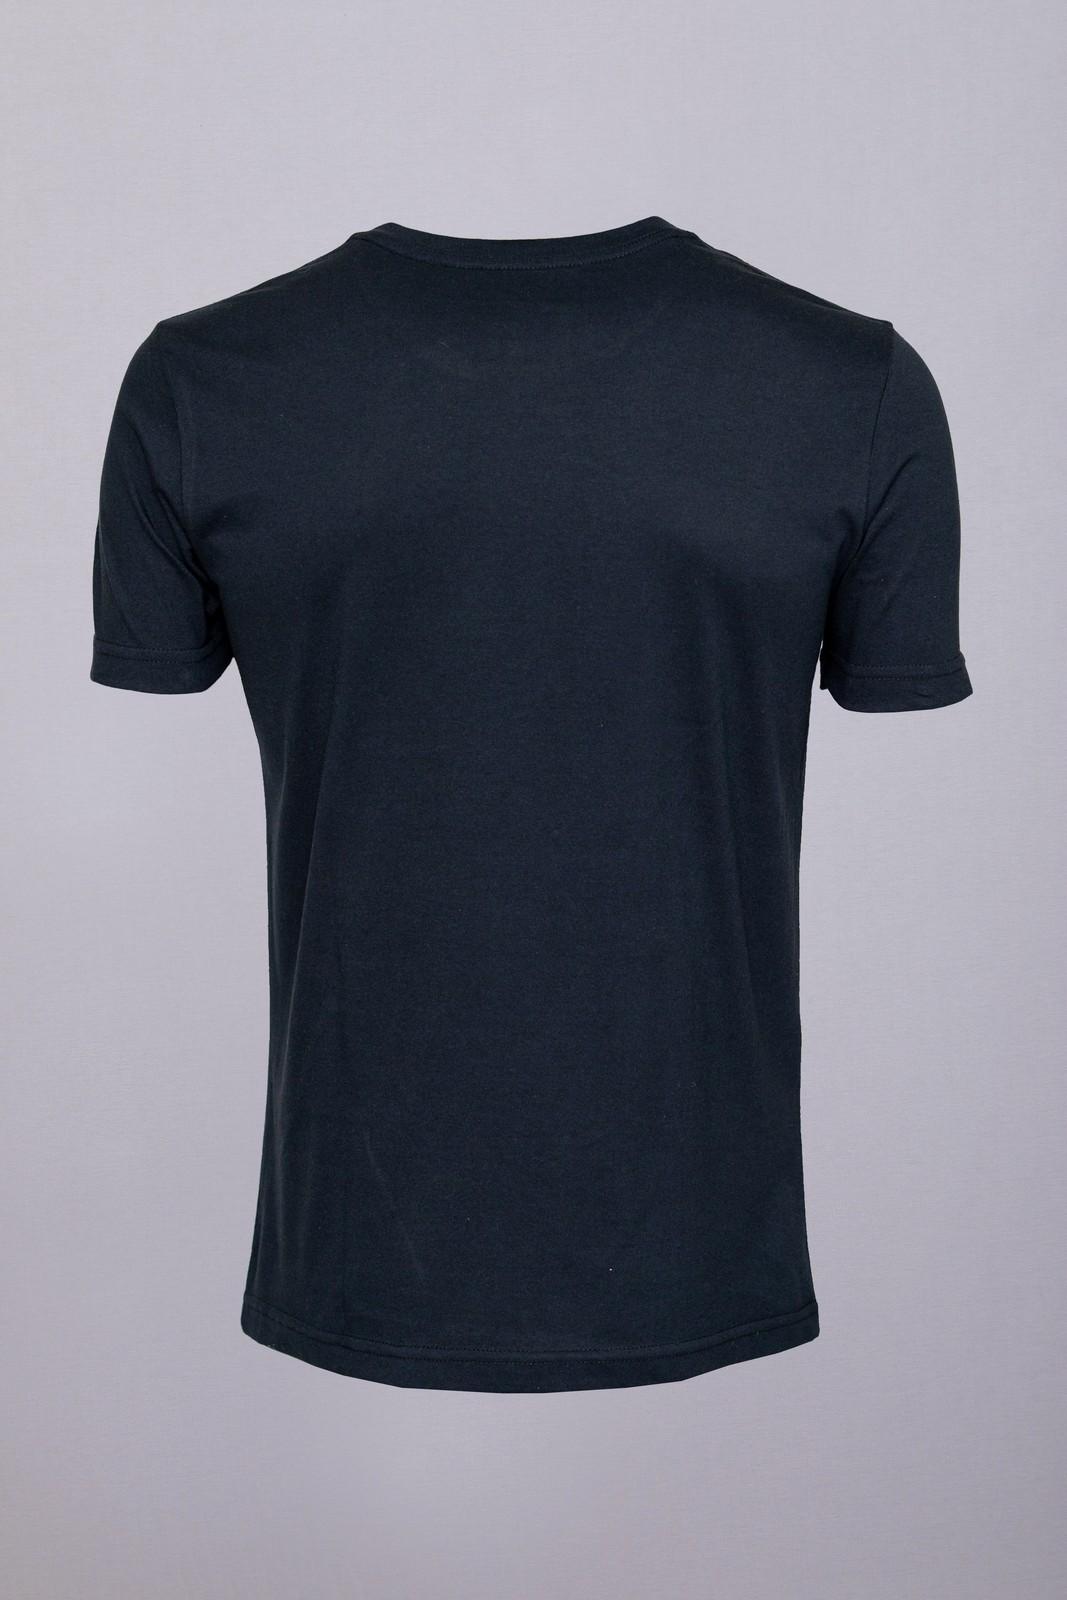 Camiseta CoolWave Explore Preta